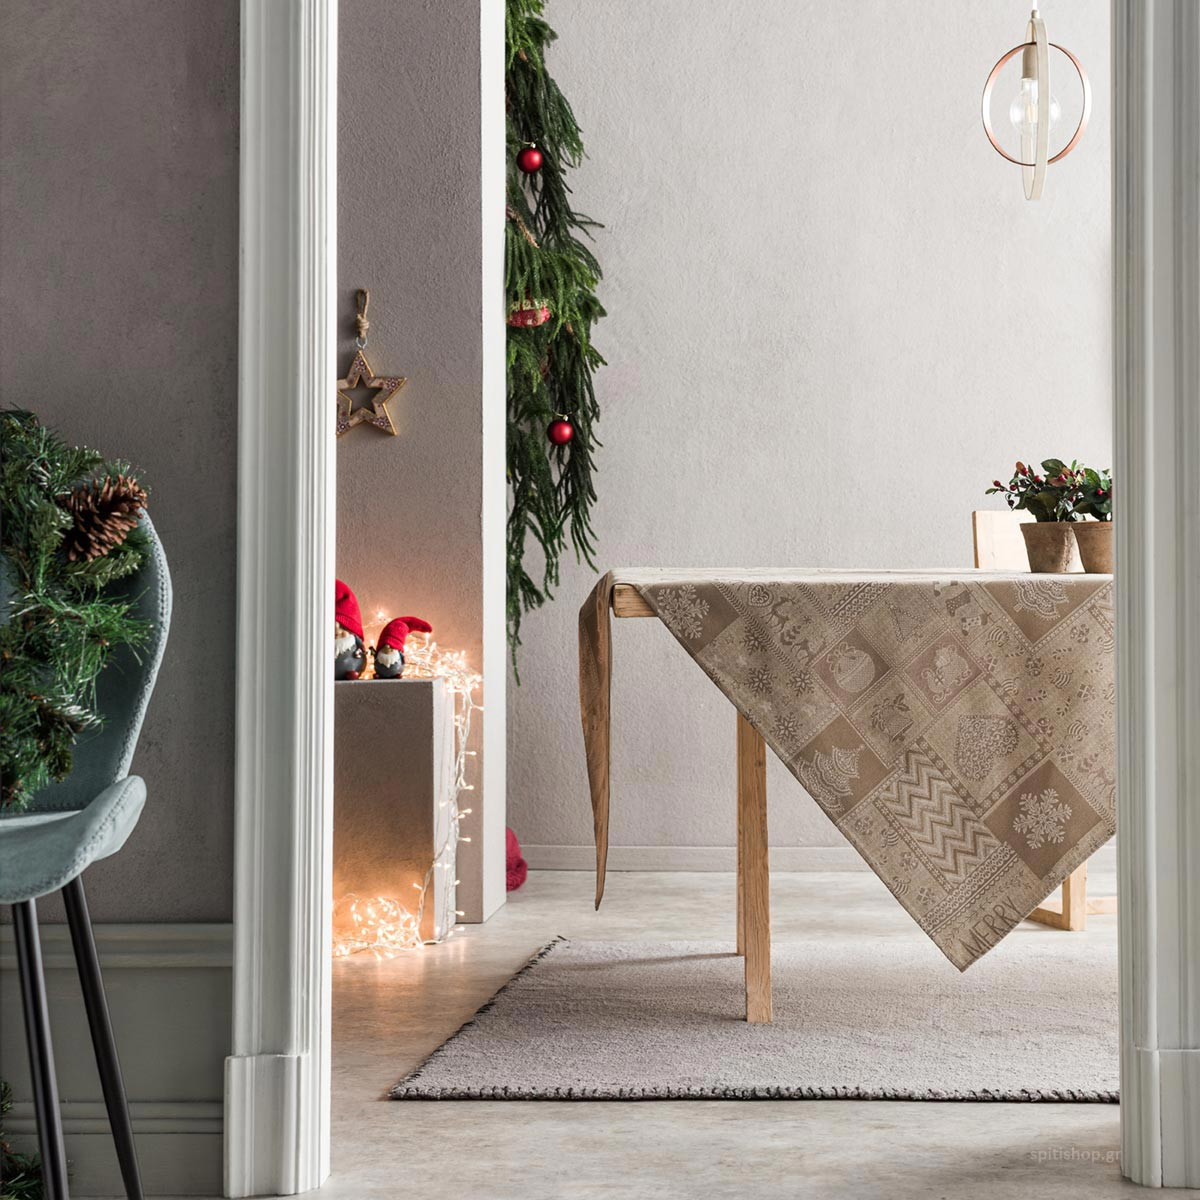 Χριστουγεννιάτικο Τραπεζομάντηλο (135×135) Gofis Home 594/04